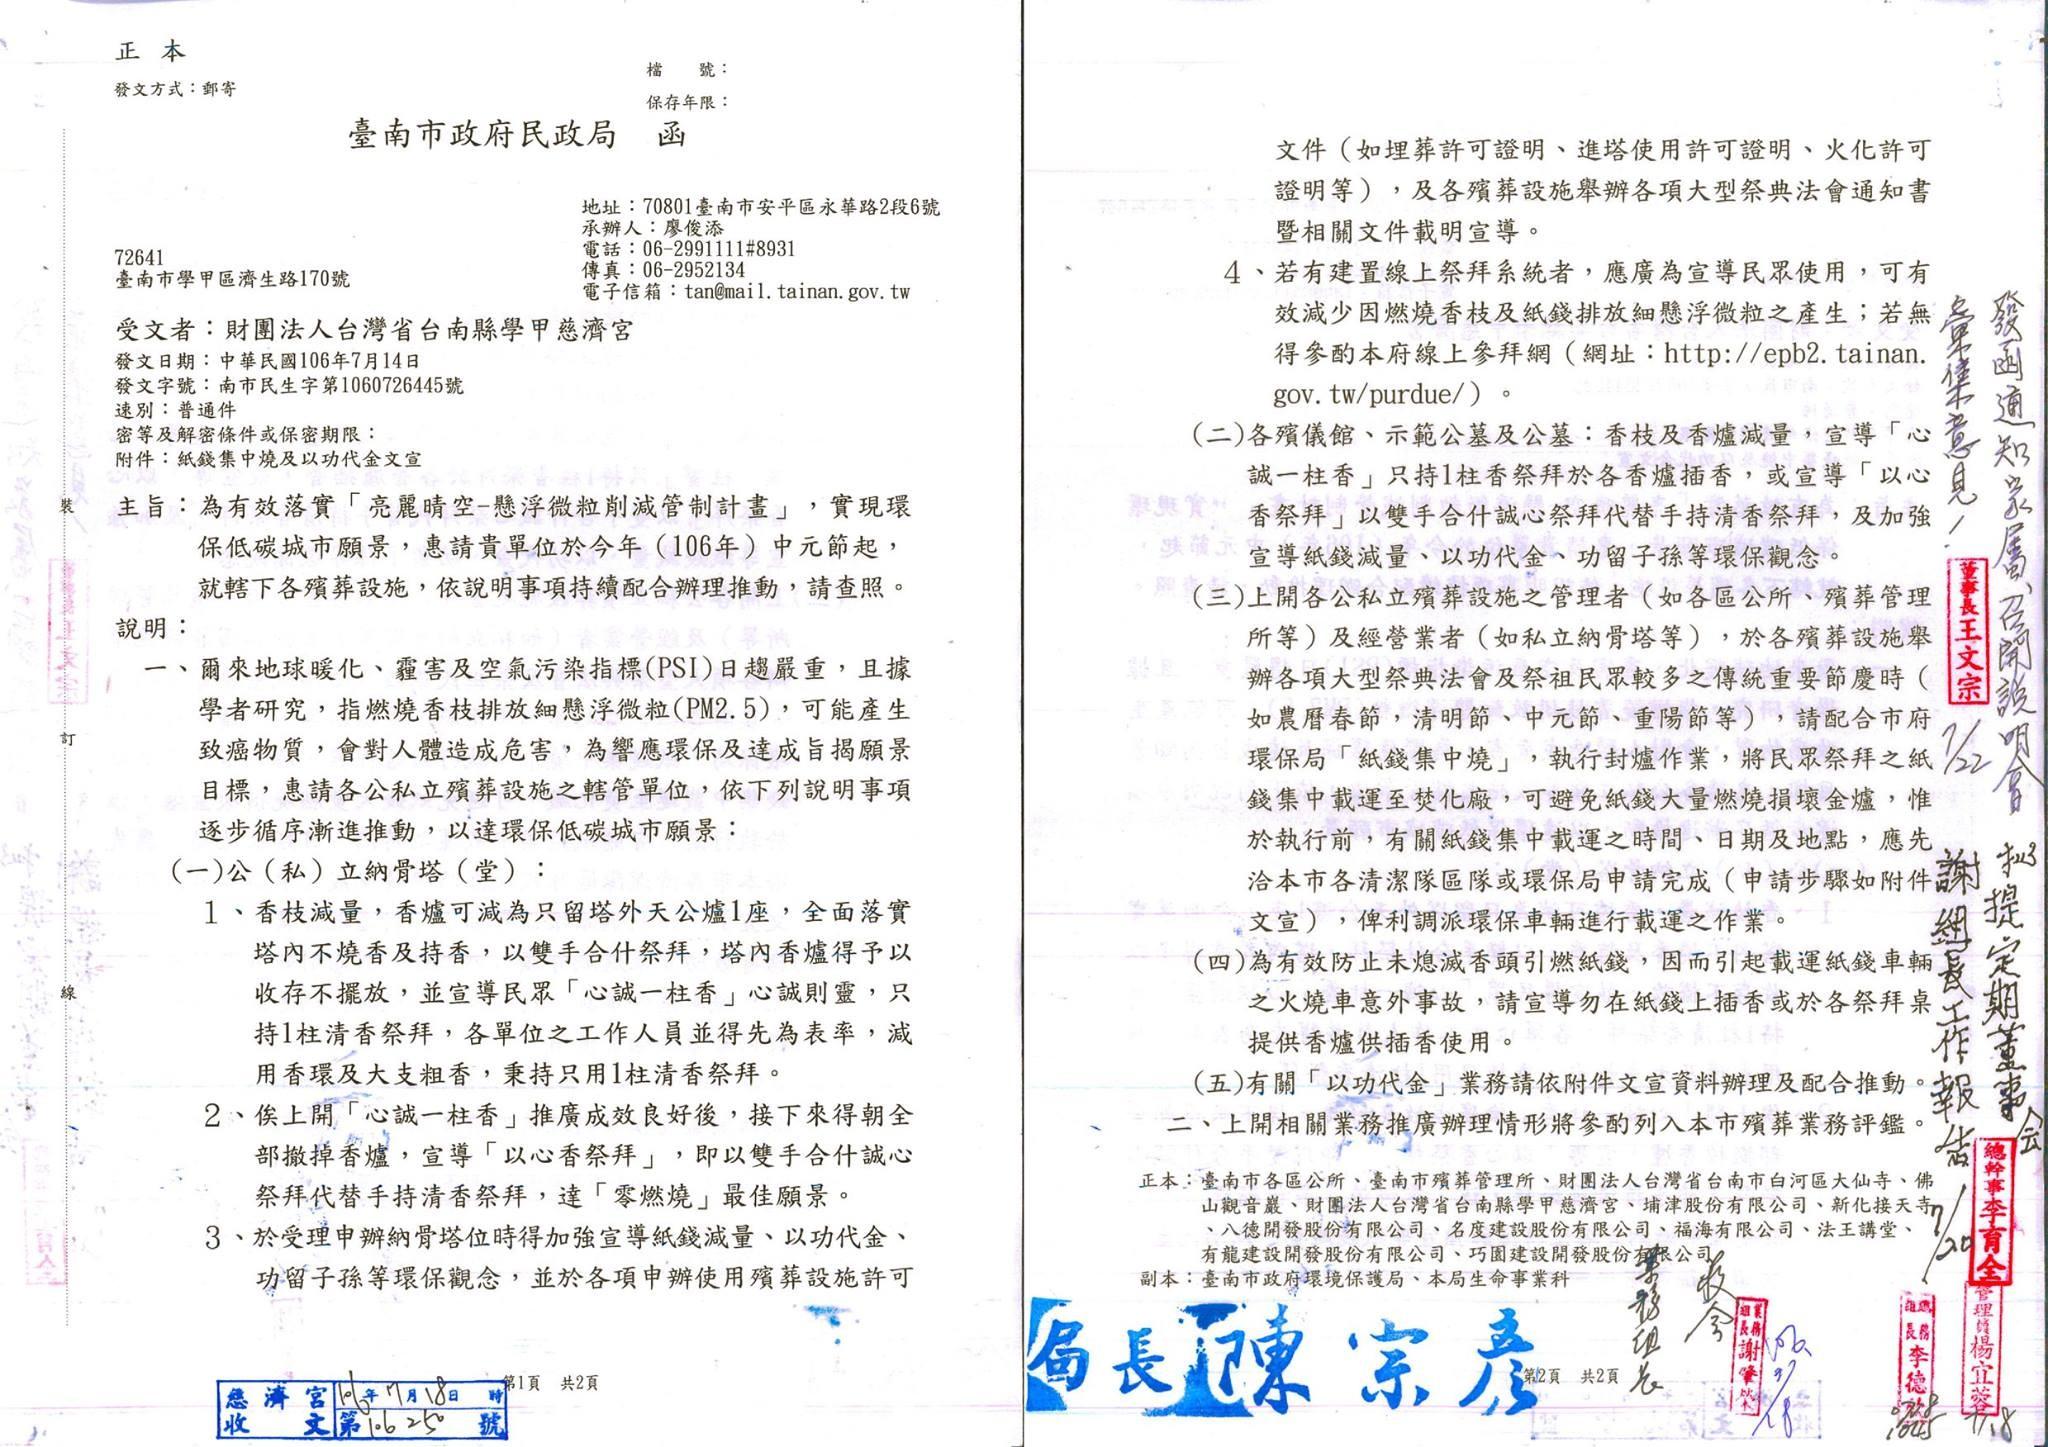 台南學甲慈濟宮出示公文,質疑「紙錢集中燒」政策。(圖/翻攝自學甲慈濟宮粉專)